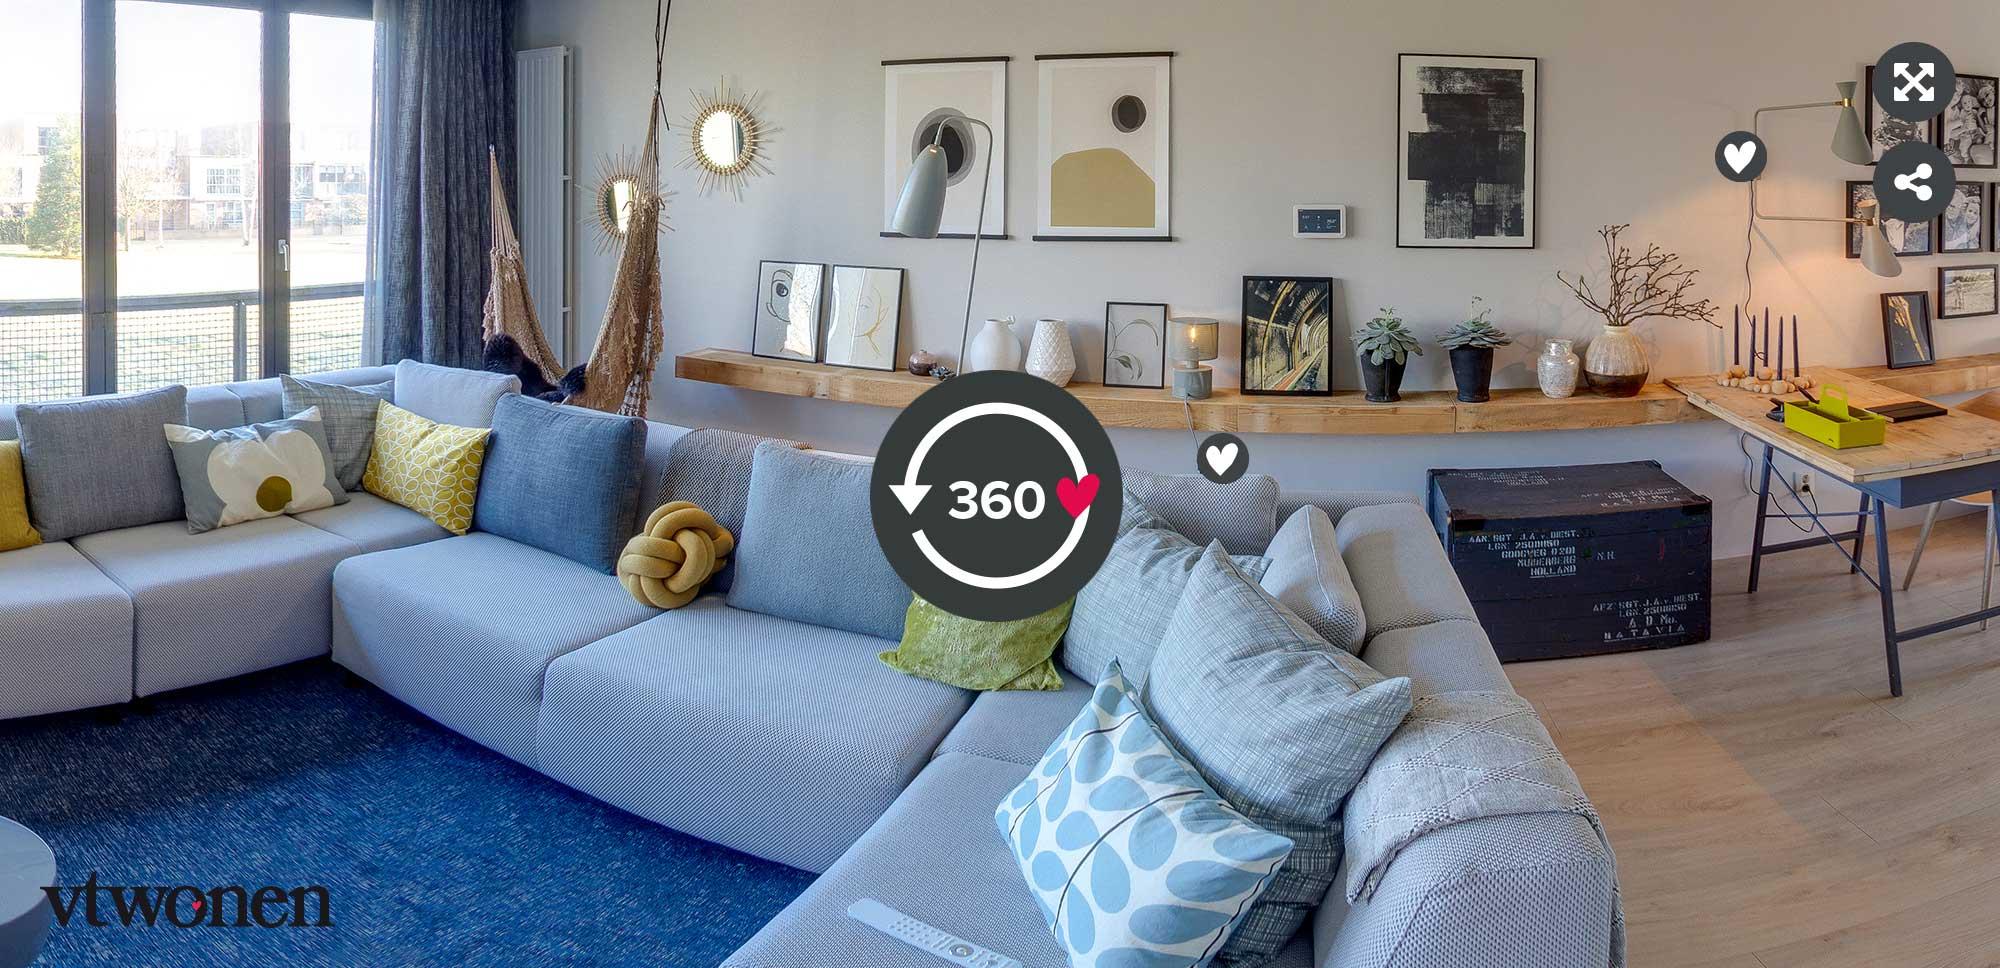 360 tour aflevering 2 weer verliefd op je huis seizoen 8